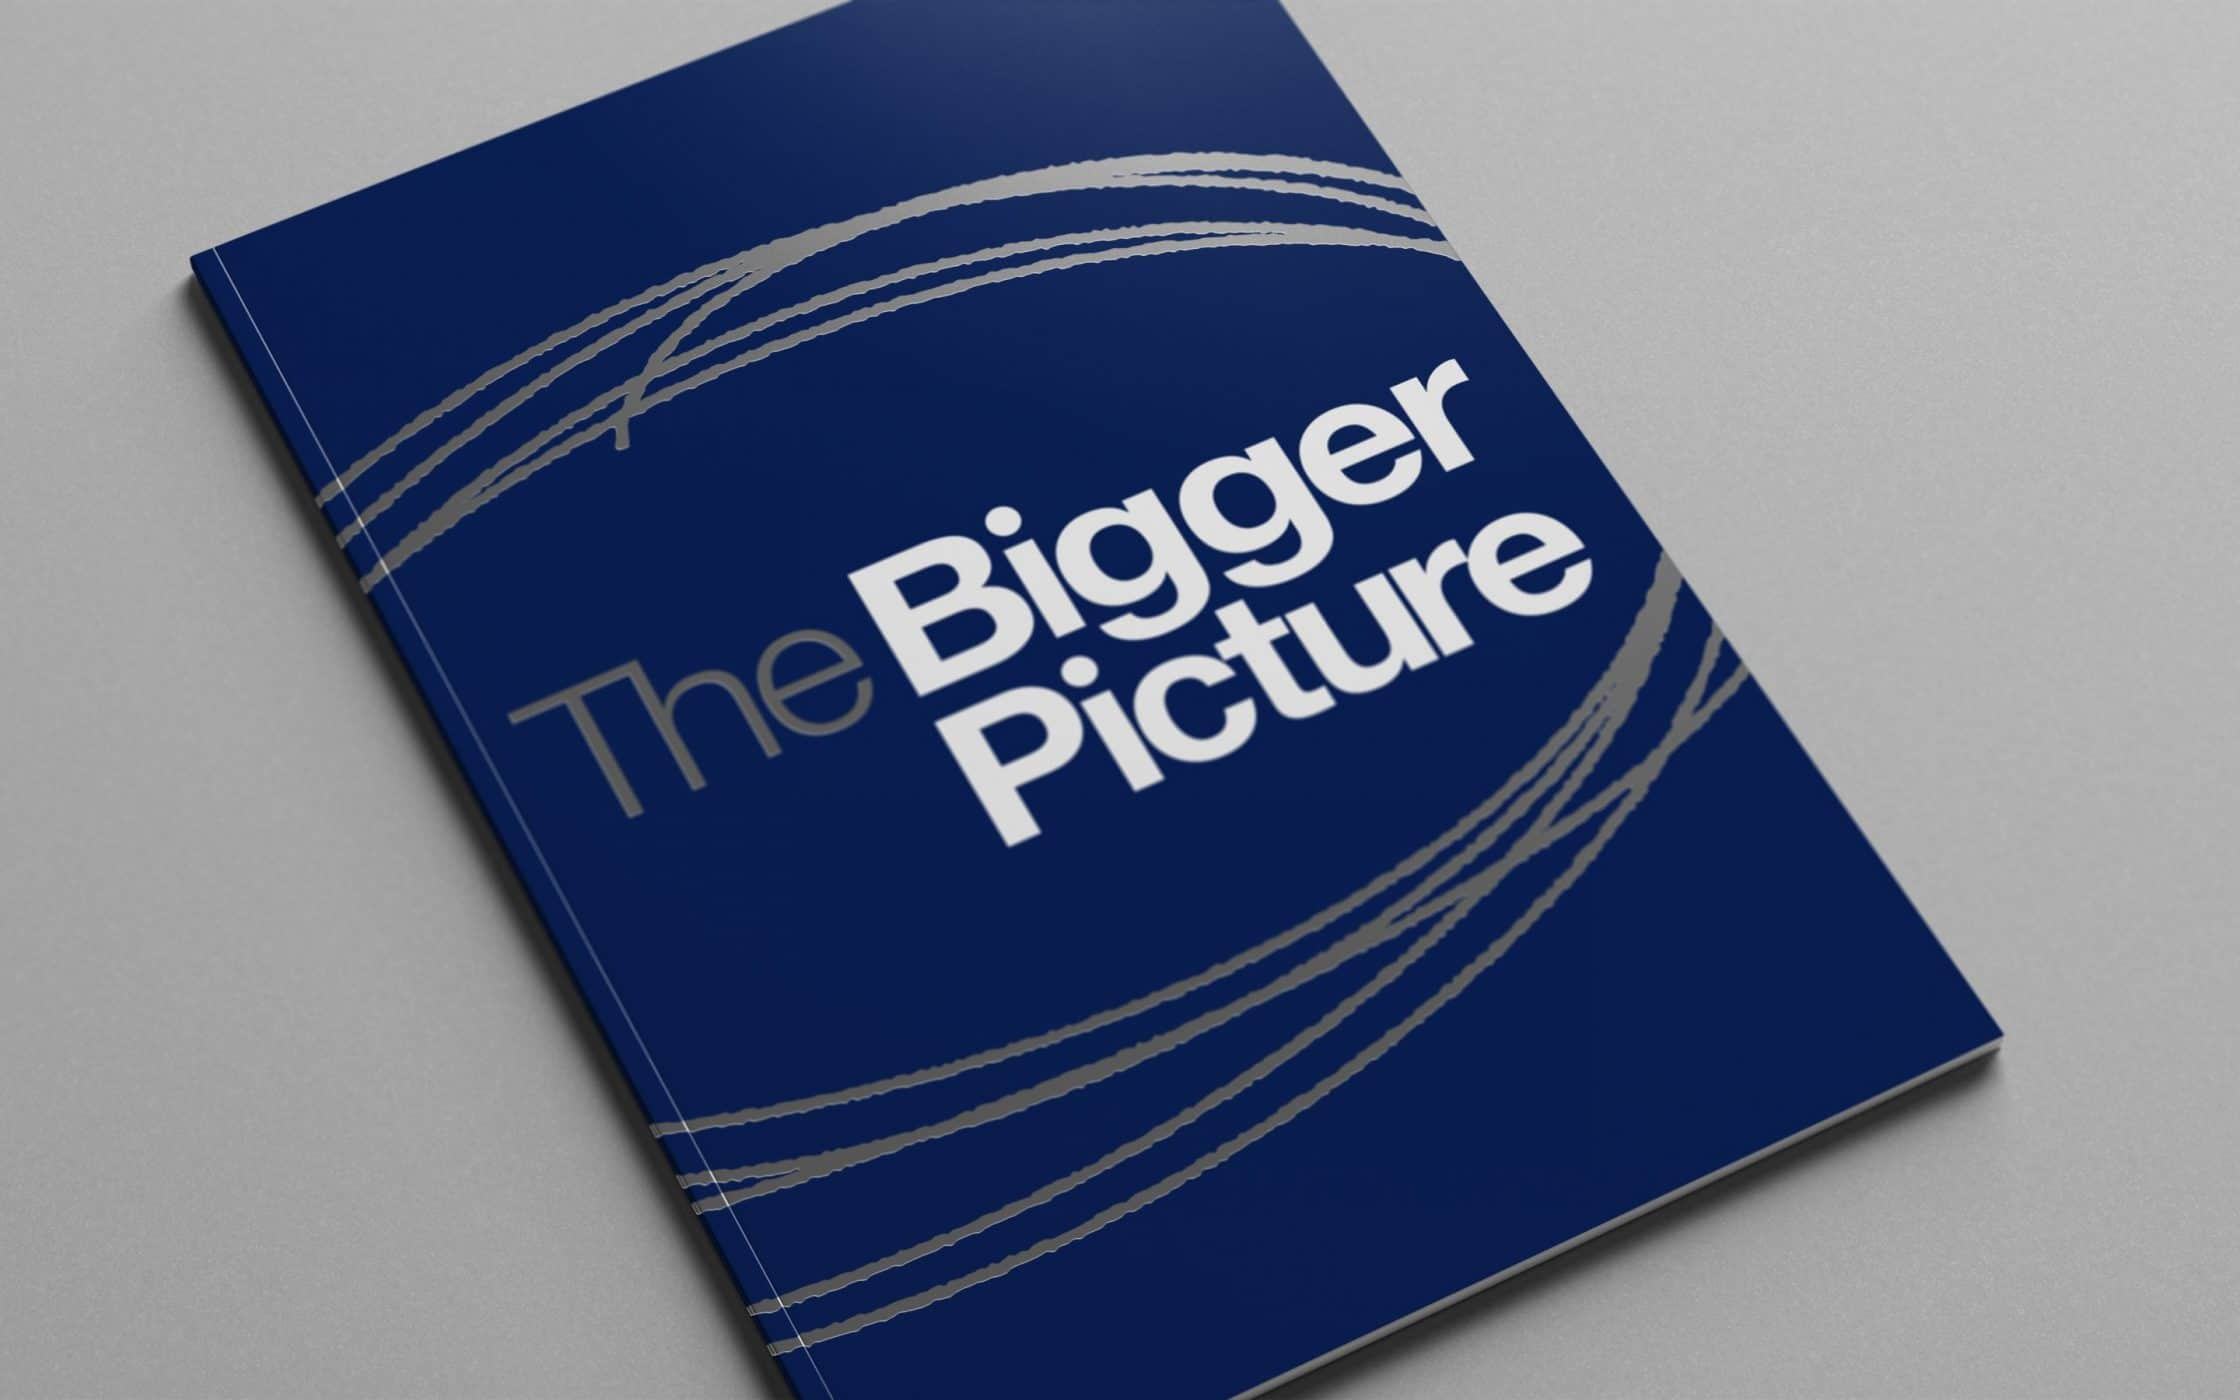 The Bigger Picture | Aviva